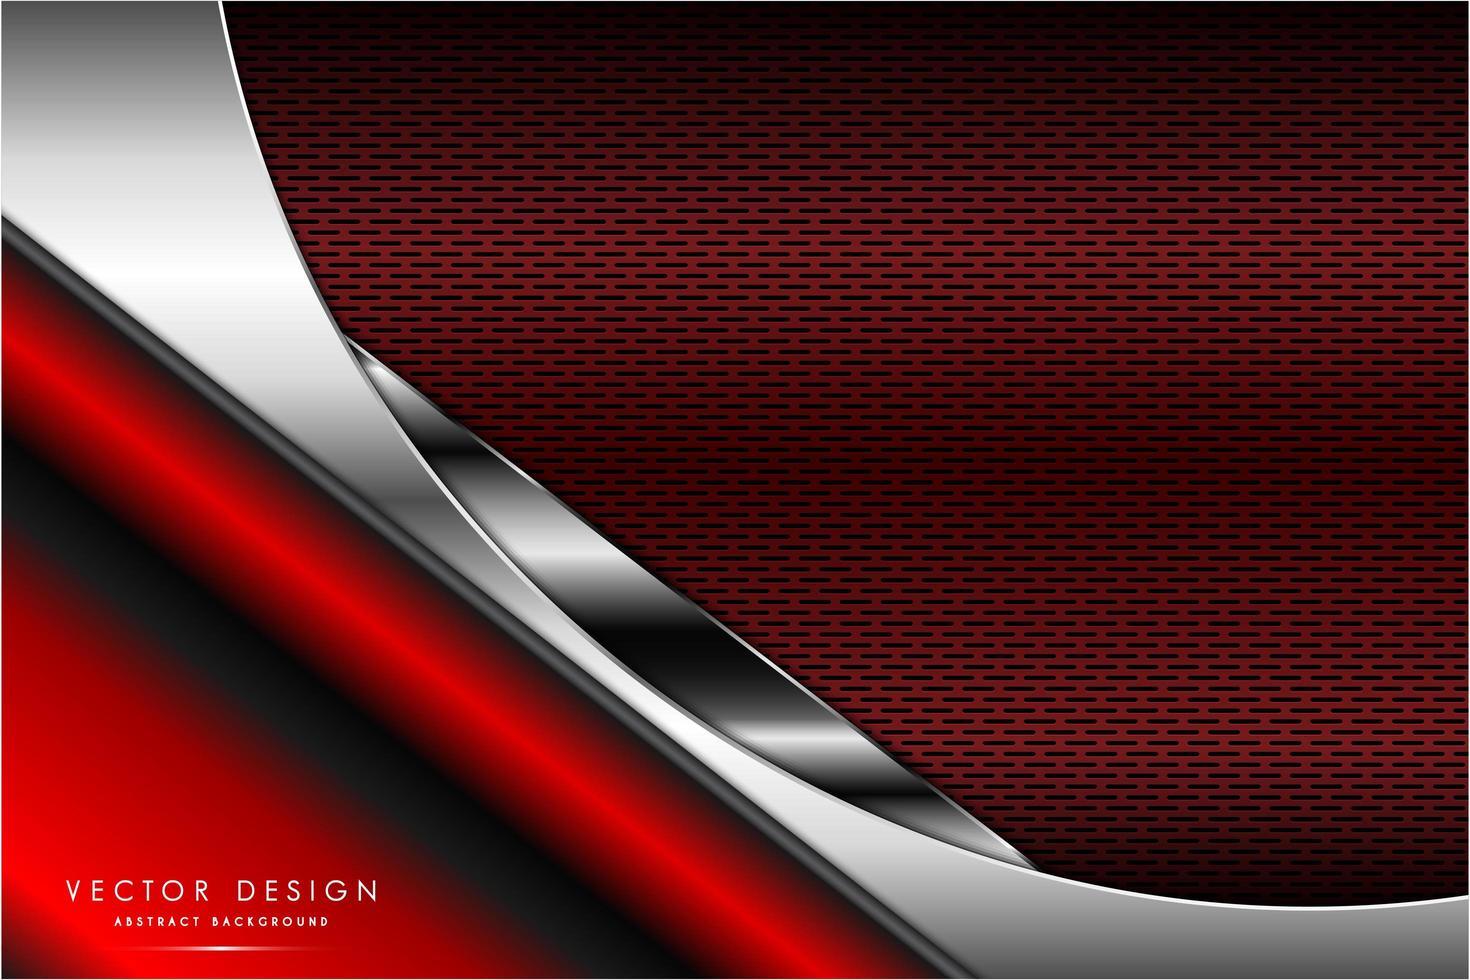 design metallico rosso e argento con trama in fibra di carbonio vettore